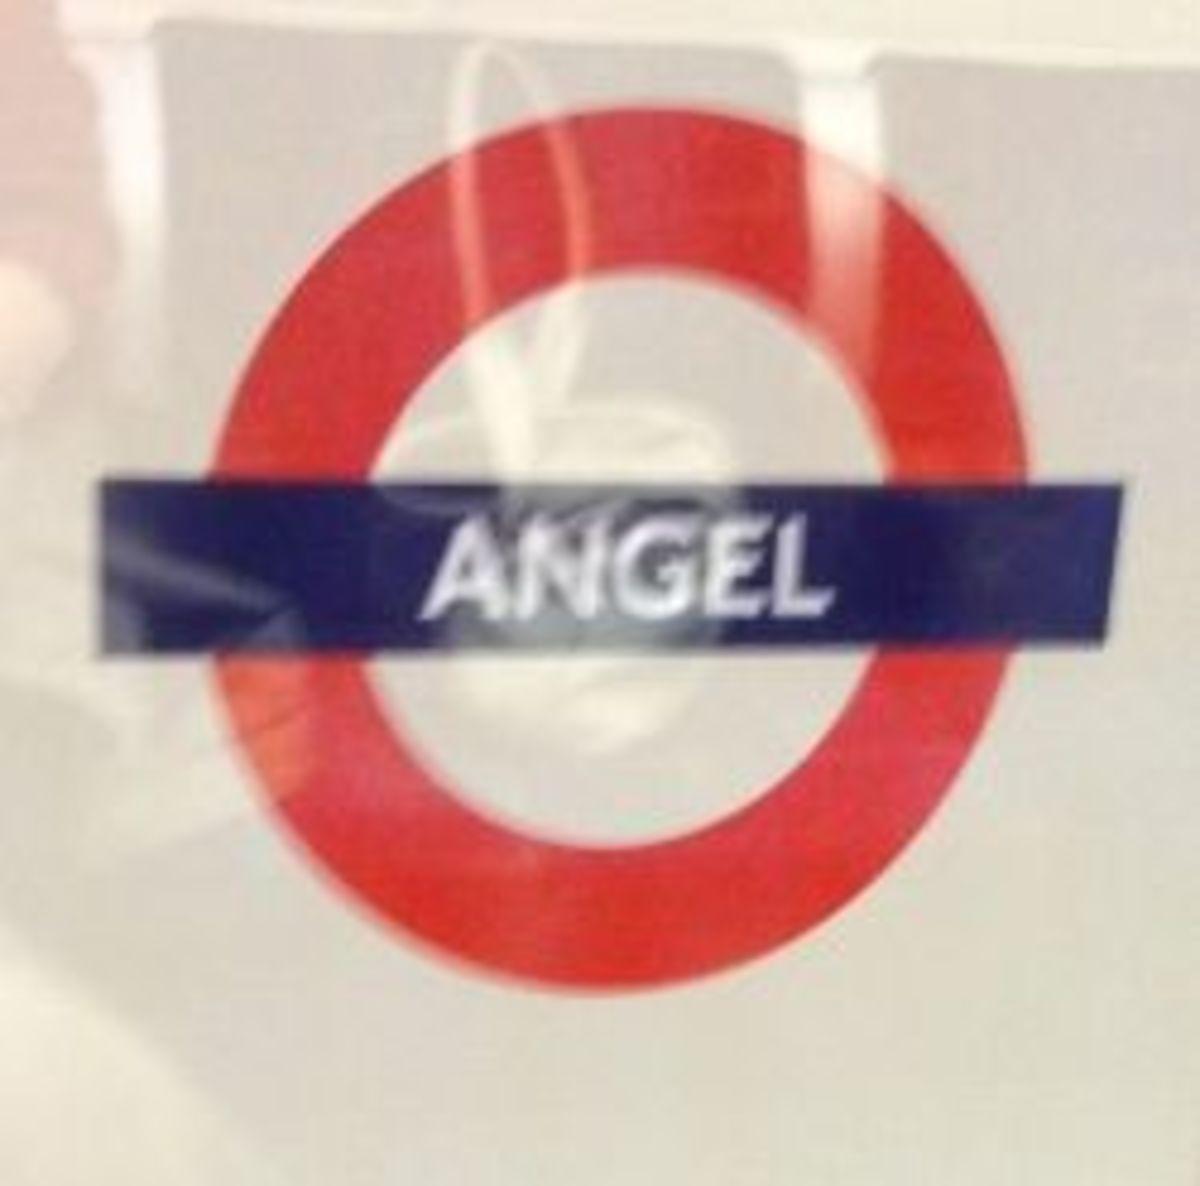 Angel tube station on London underground